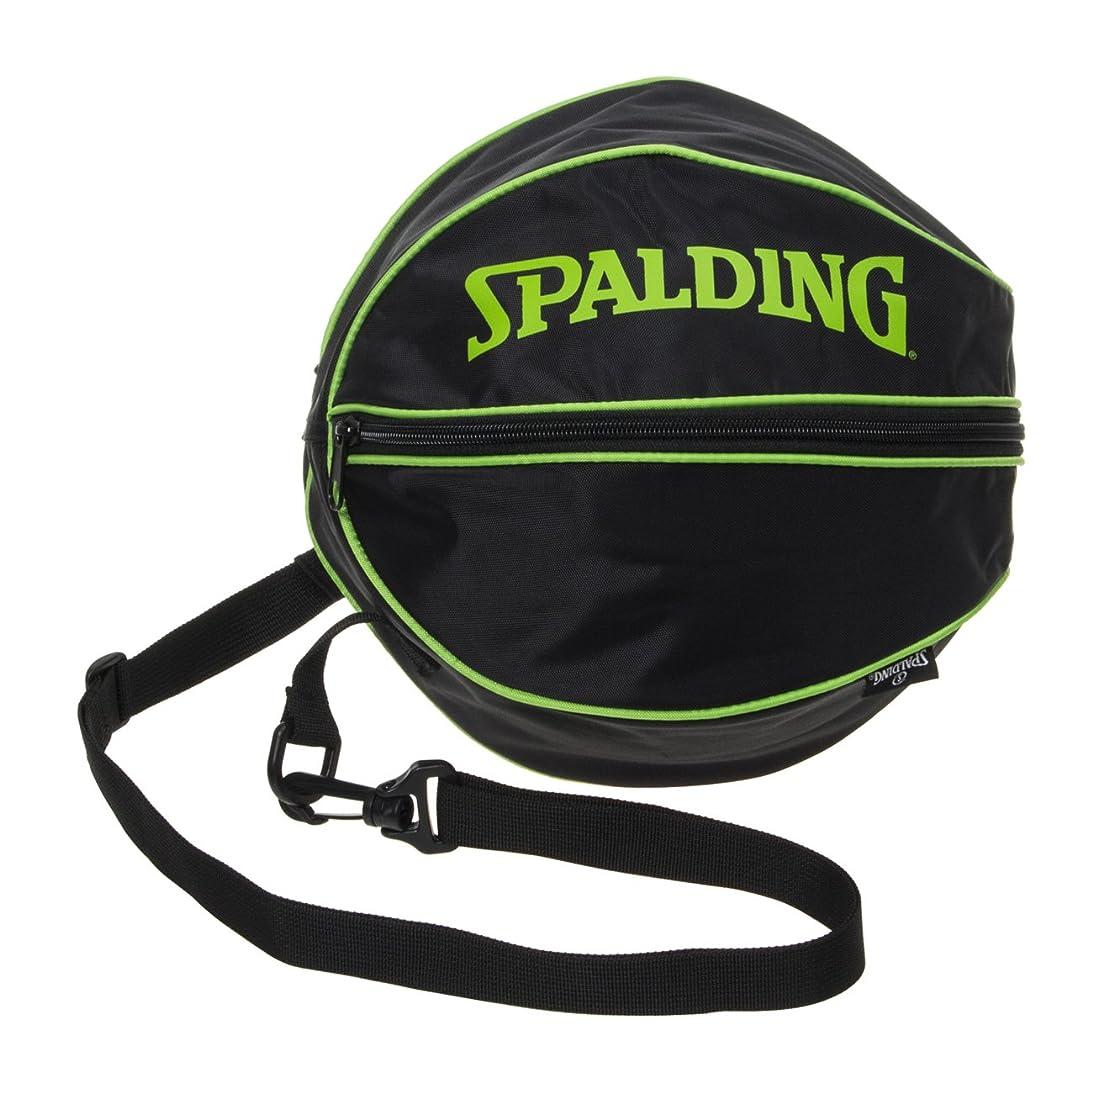 止まるフェローシップビルバスケットボール ケース 1個入りボールバッグ ボールバッグ ライムグリーン 49-001LG バスケット